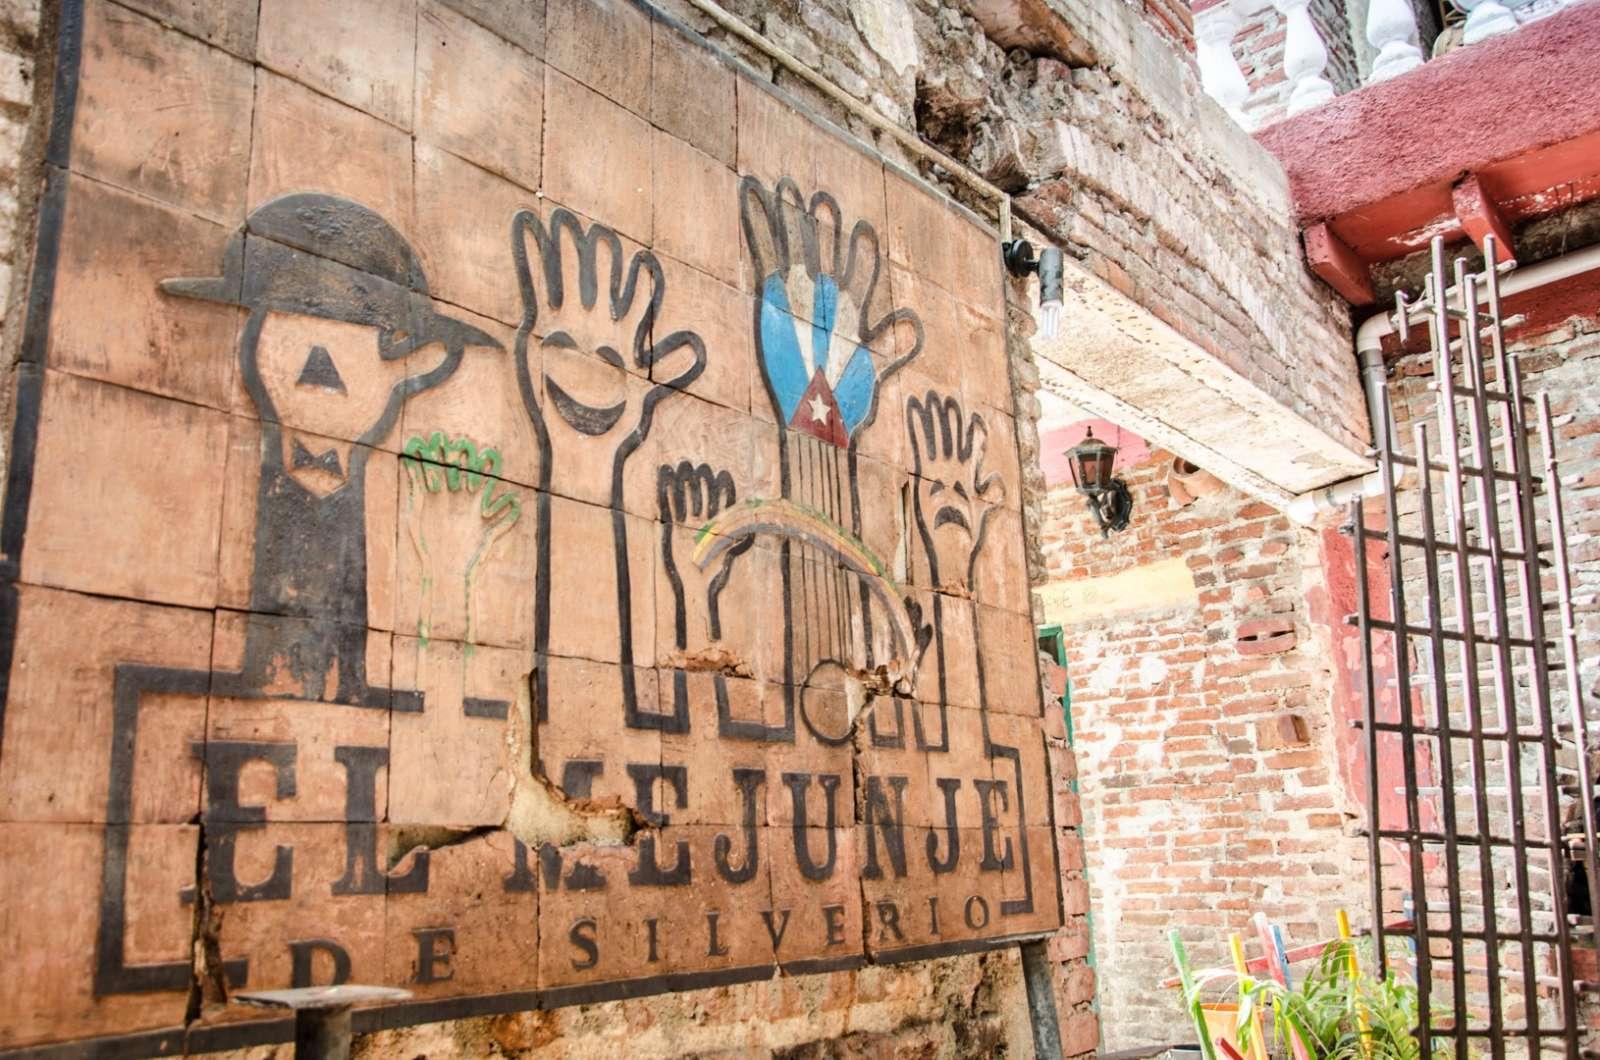 A street mural in Santa Clara, Cuba